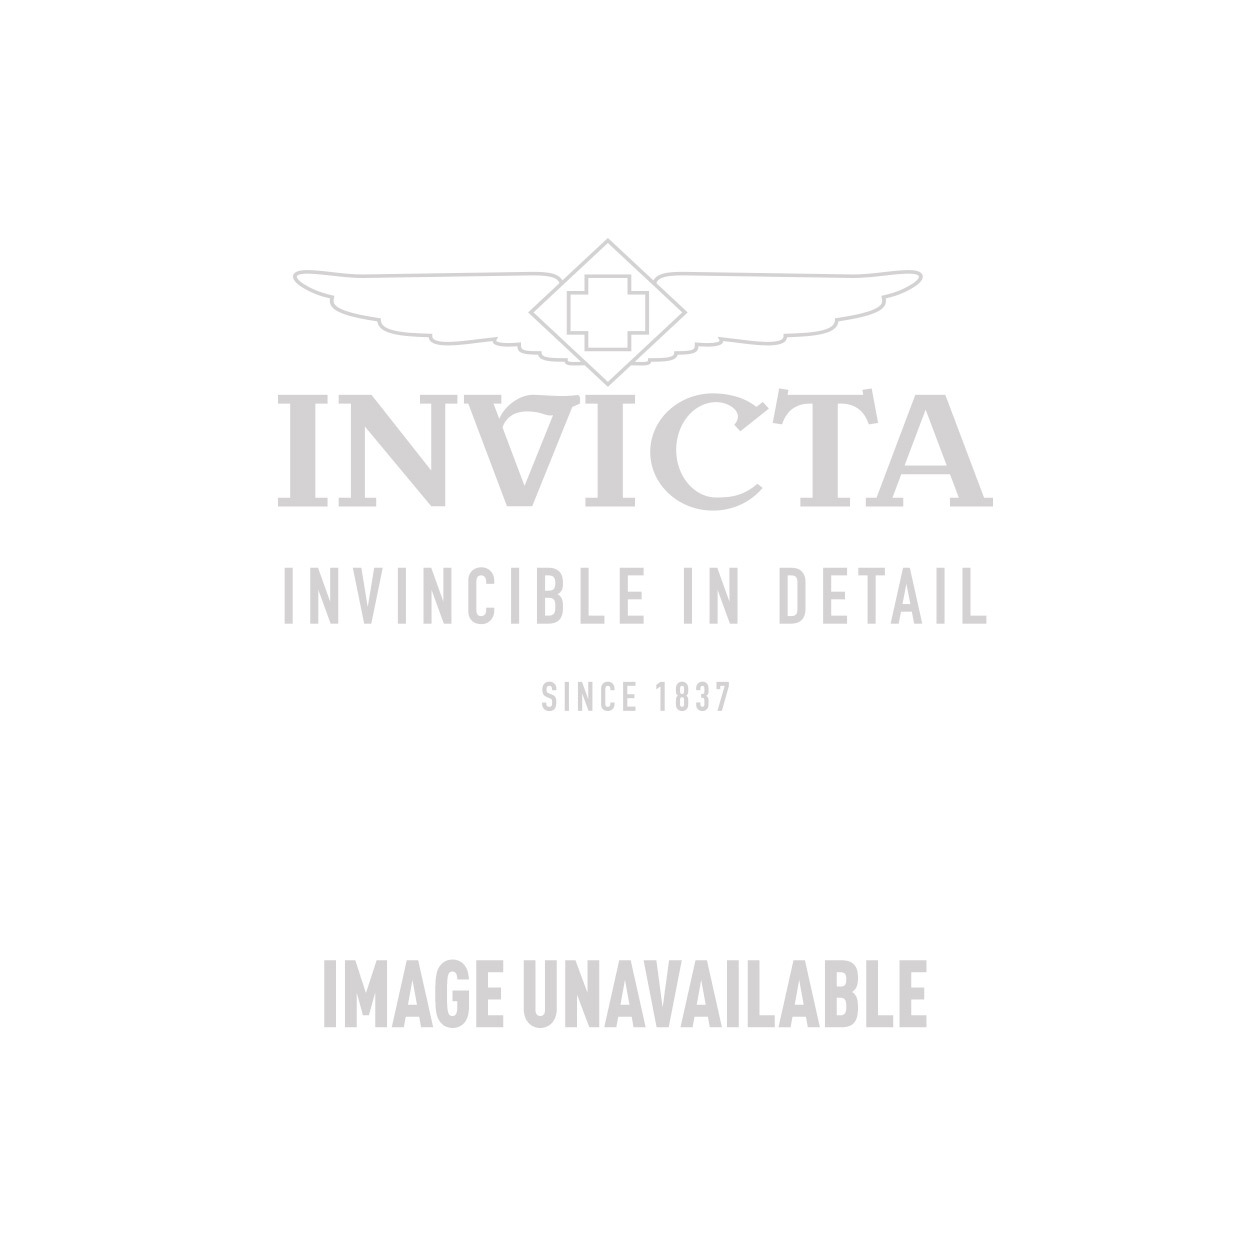 Invicta Model  25985